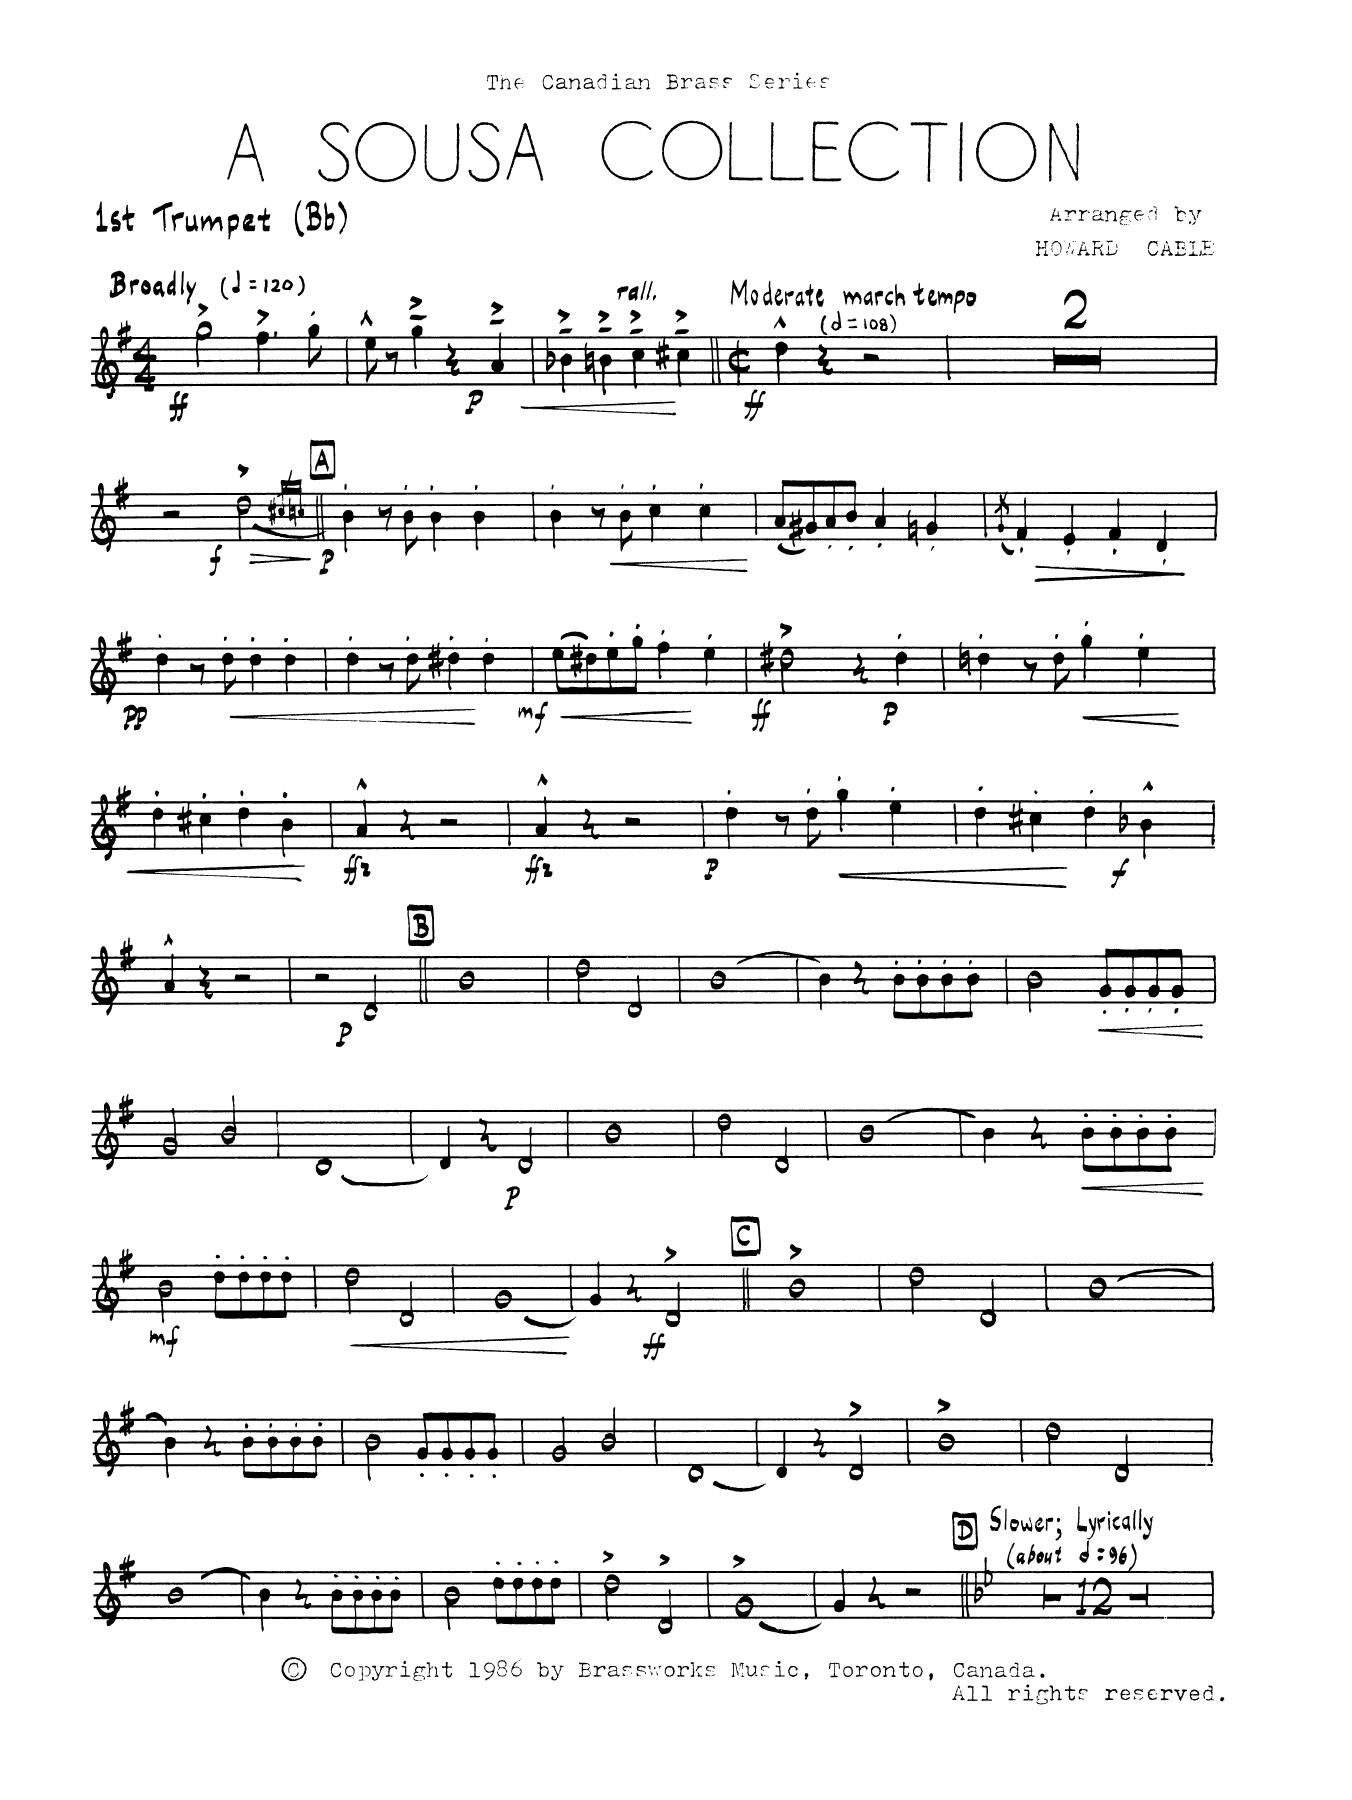 A Sousa Collection - Bb Trumpet 1 (Brass Quintet)